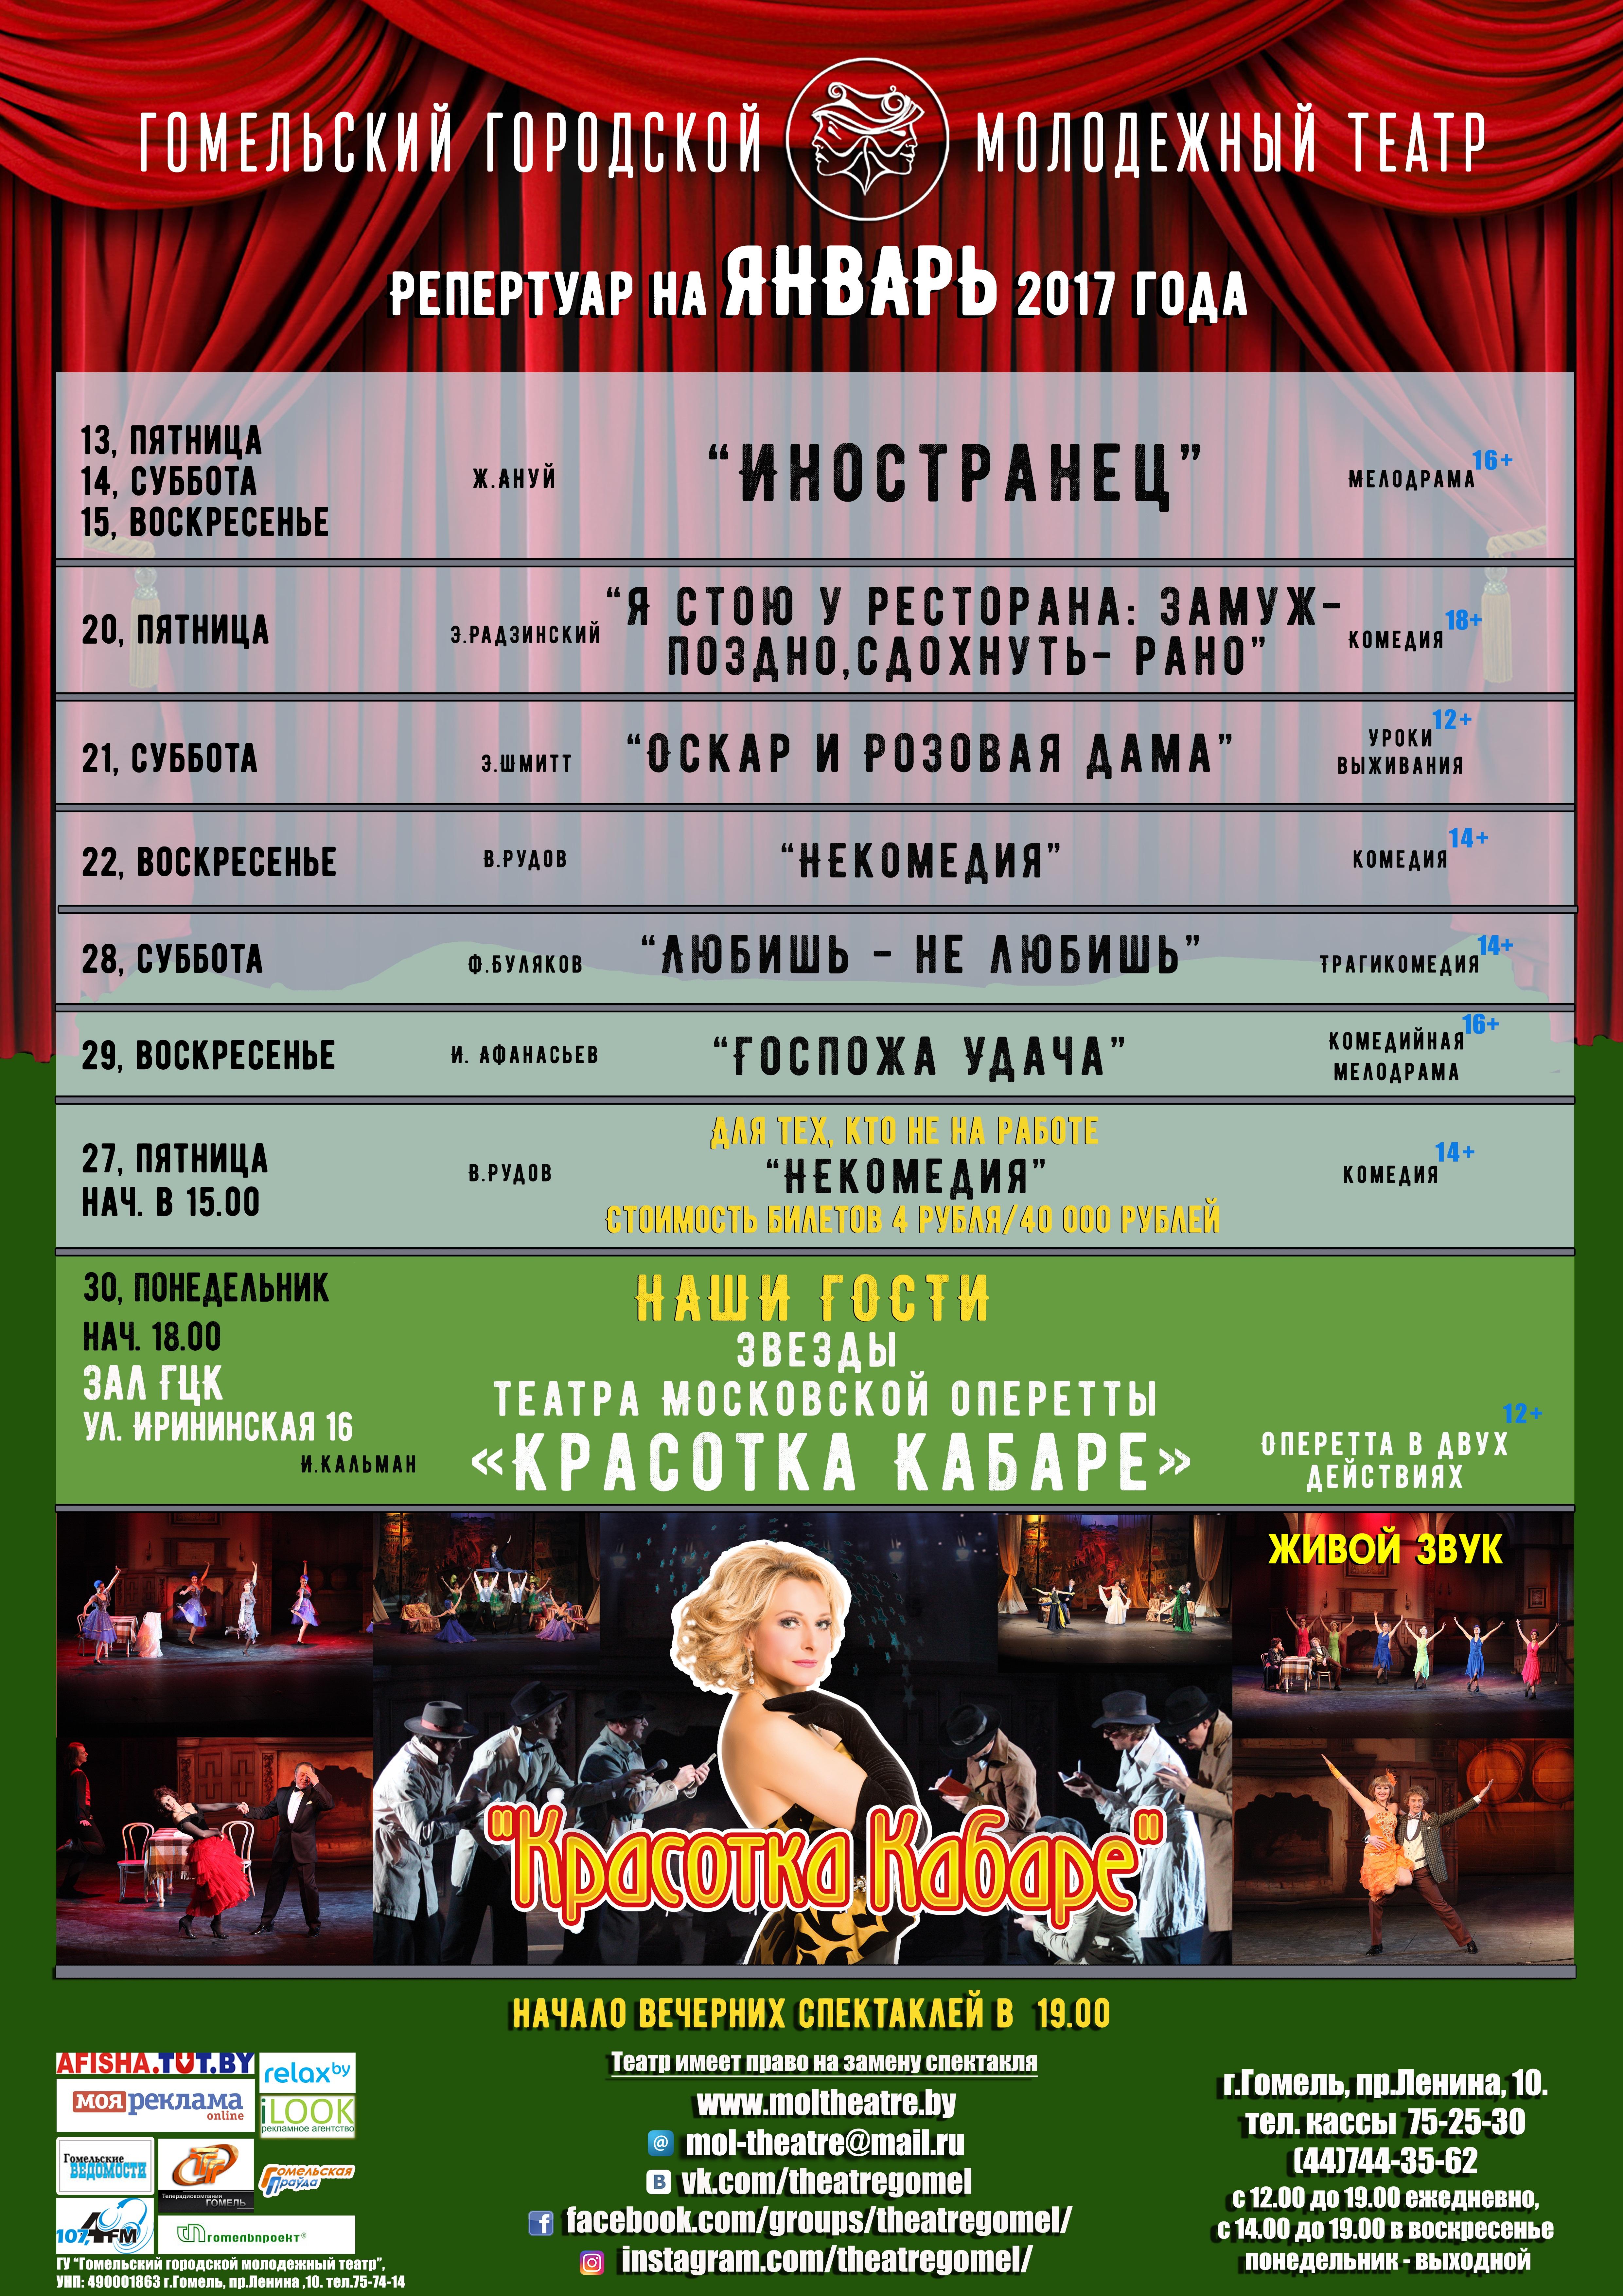 Афиша театра комедии на январь 2017 дон карлос большой театр купить билет